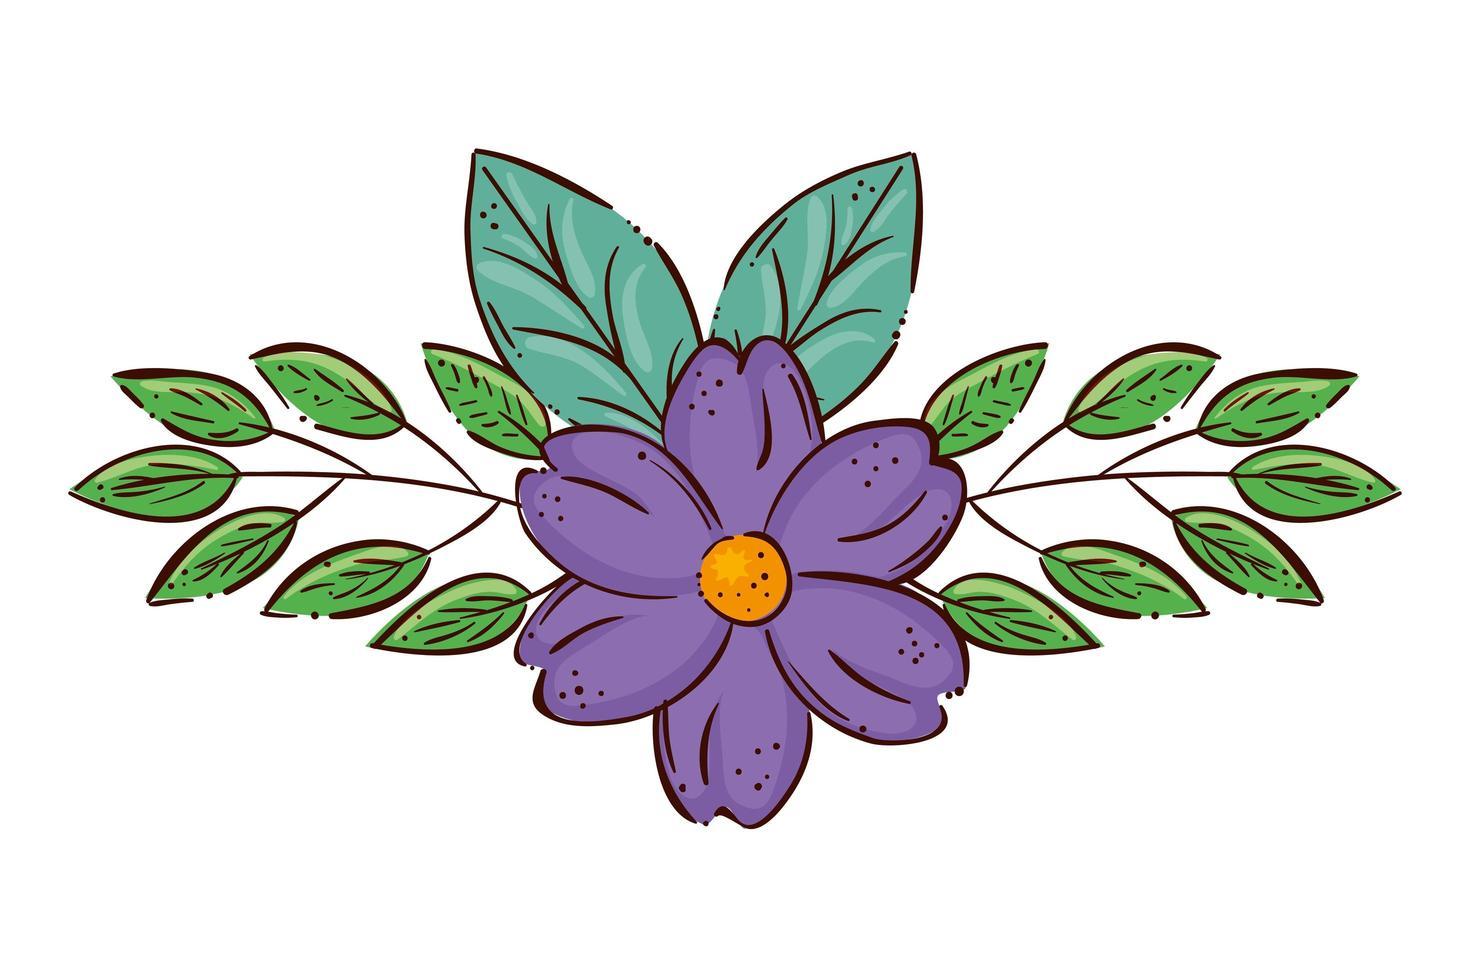 süße Blume lila mit Zweigen und Blättern vektor